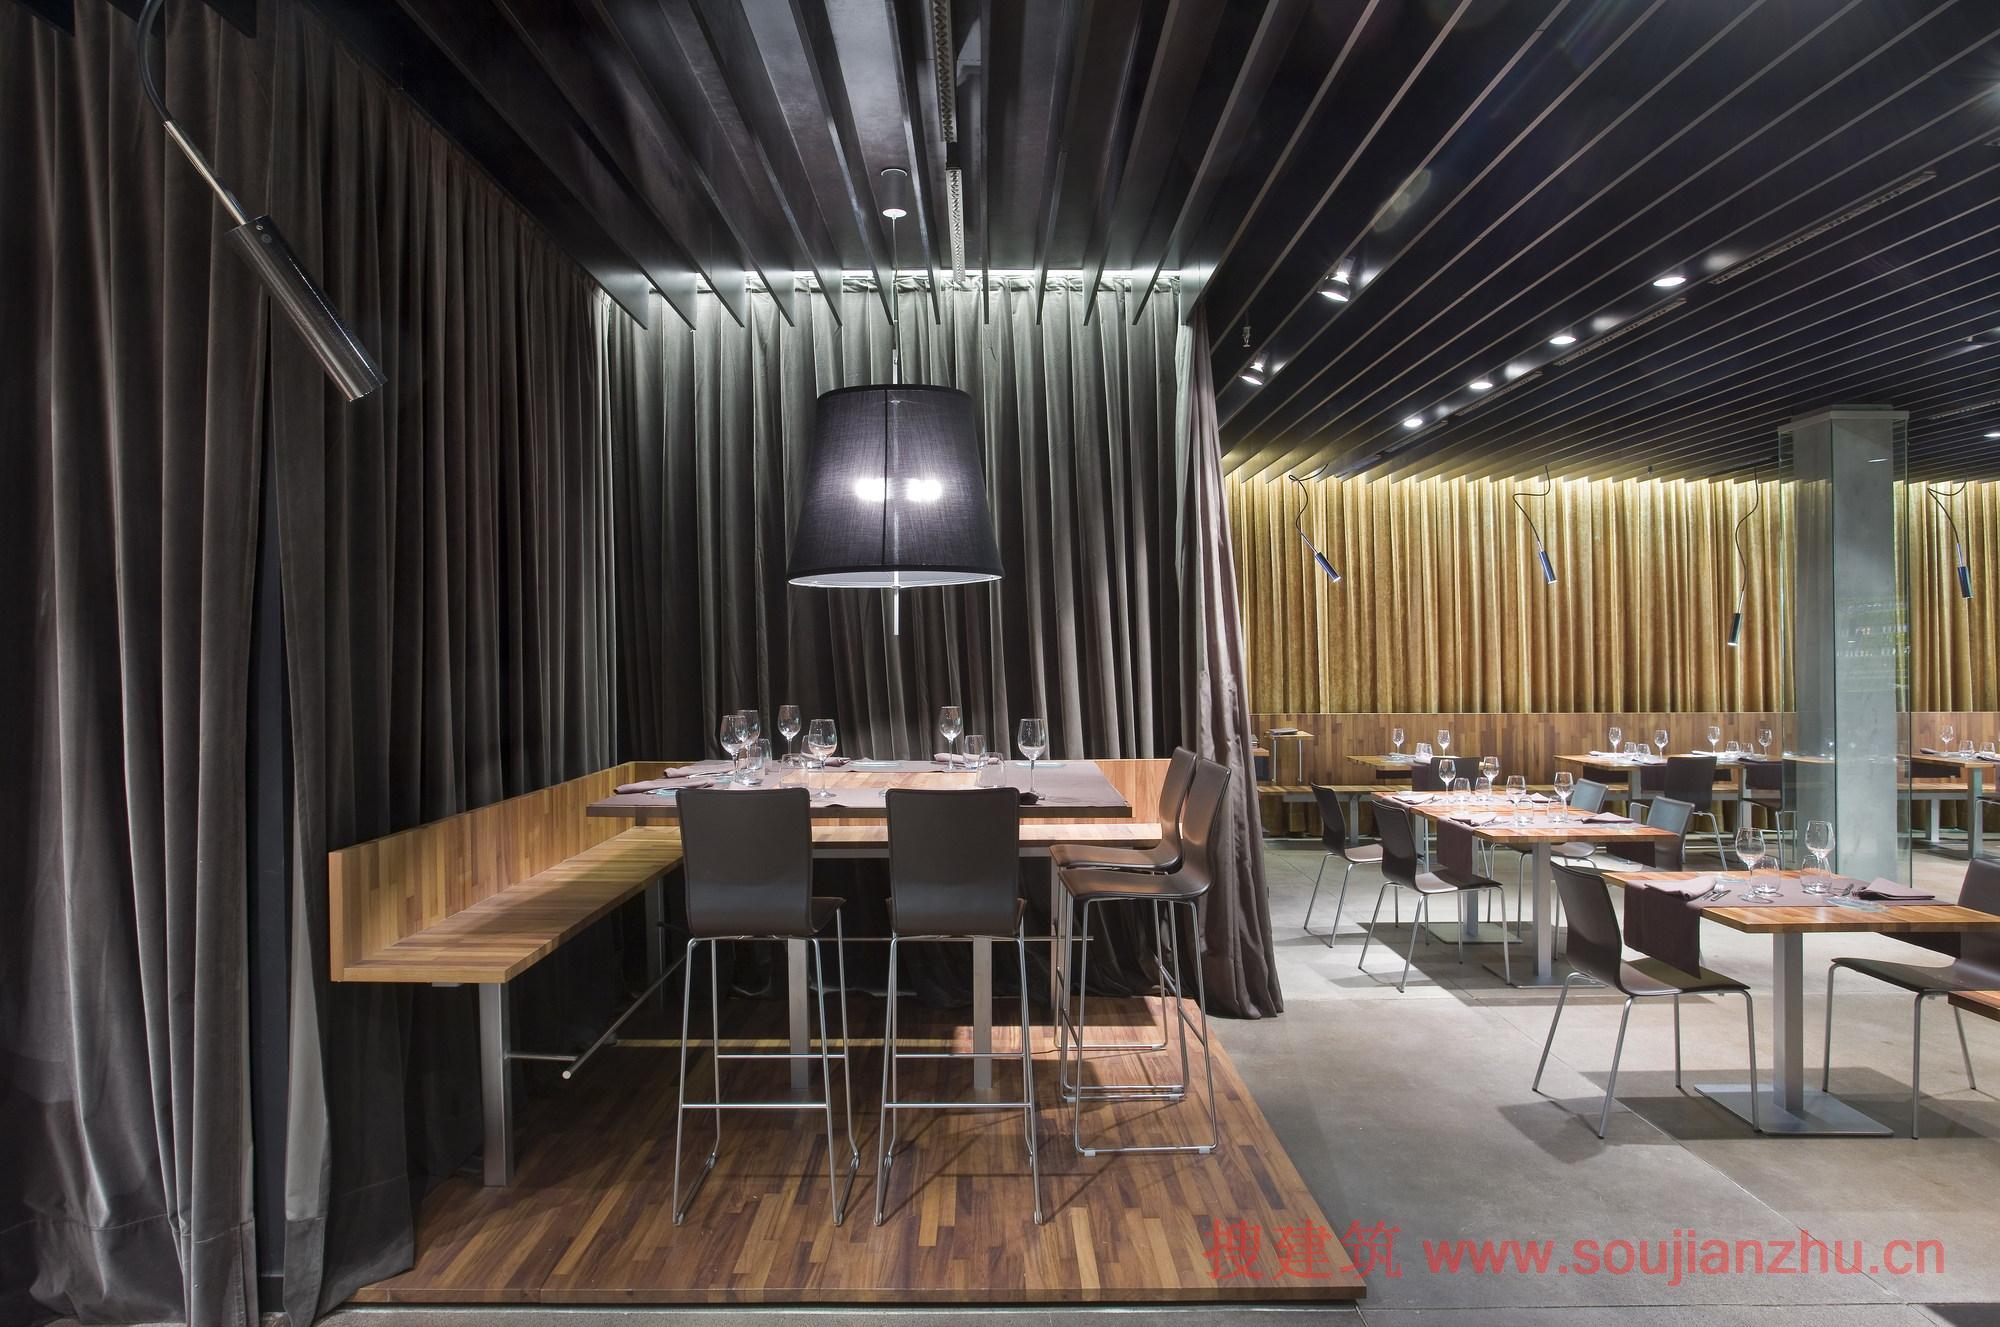 建筑师:Vallo & Irigaray + Galar 地点:西班牙 潘普洛纳 面积:990平方米 我们喜欢这个餐馆:每次去的情绪是不同的它可以随你想的事情、想重现环境改变你的情绪。 在本案中使用的伙伴元素是:厨房--食物--超市。建筑内部不是简单墙面,而是装饰有晶格的绿色玻璃瓶墙、灯具、吸音吊顶。 (本资料由搜建筑网整理,转载请注明出处。)